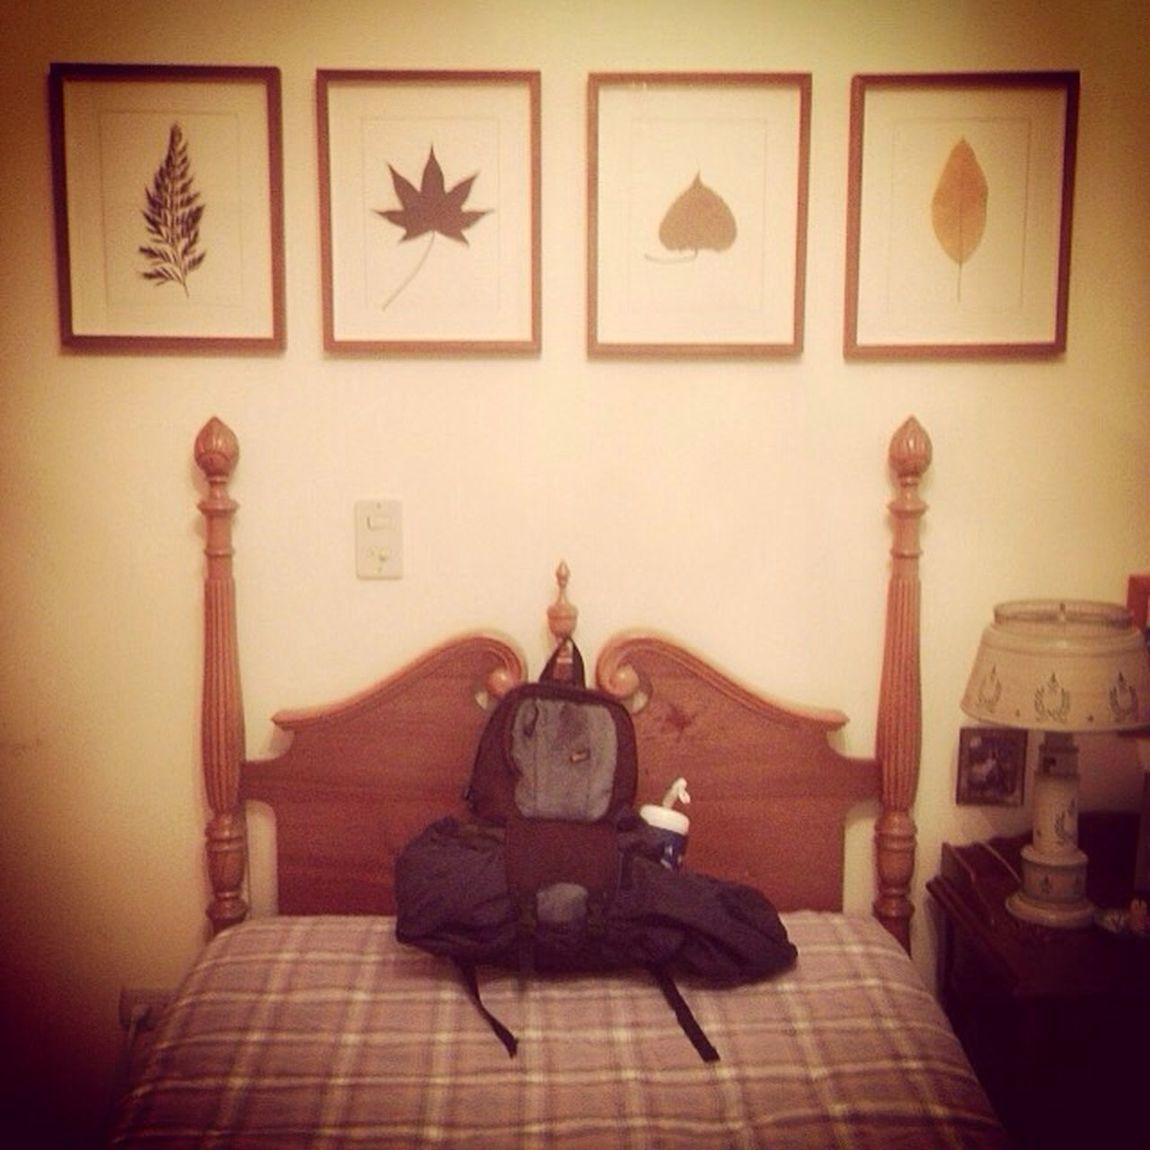 Bed Cama Backpack Morral CaminodeSantiago El Hatillo